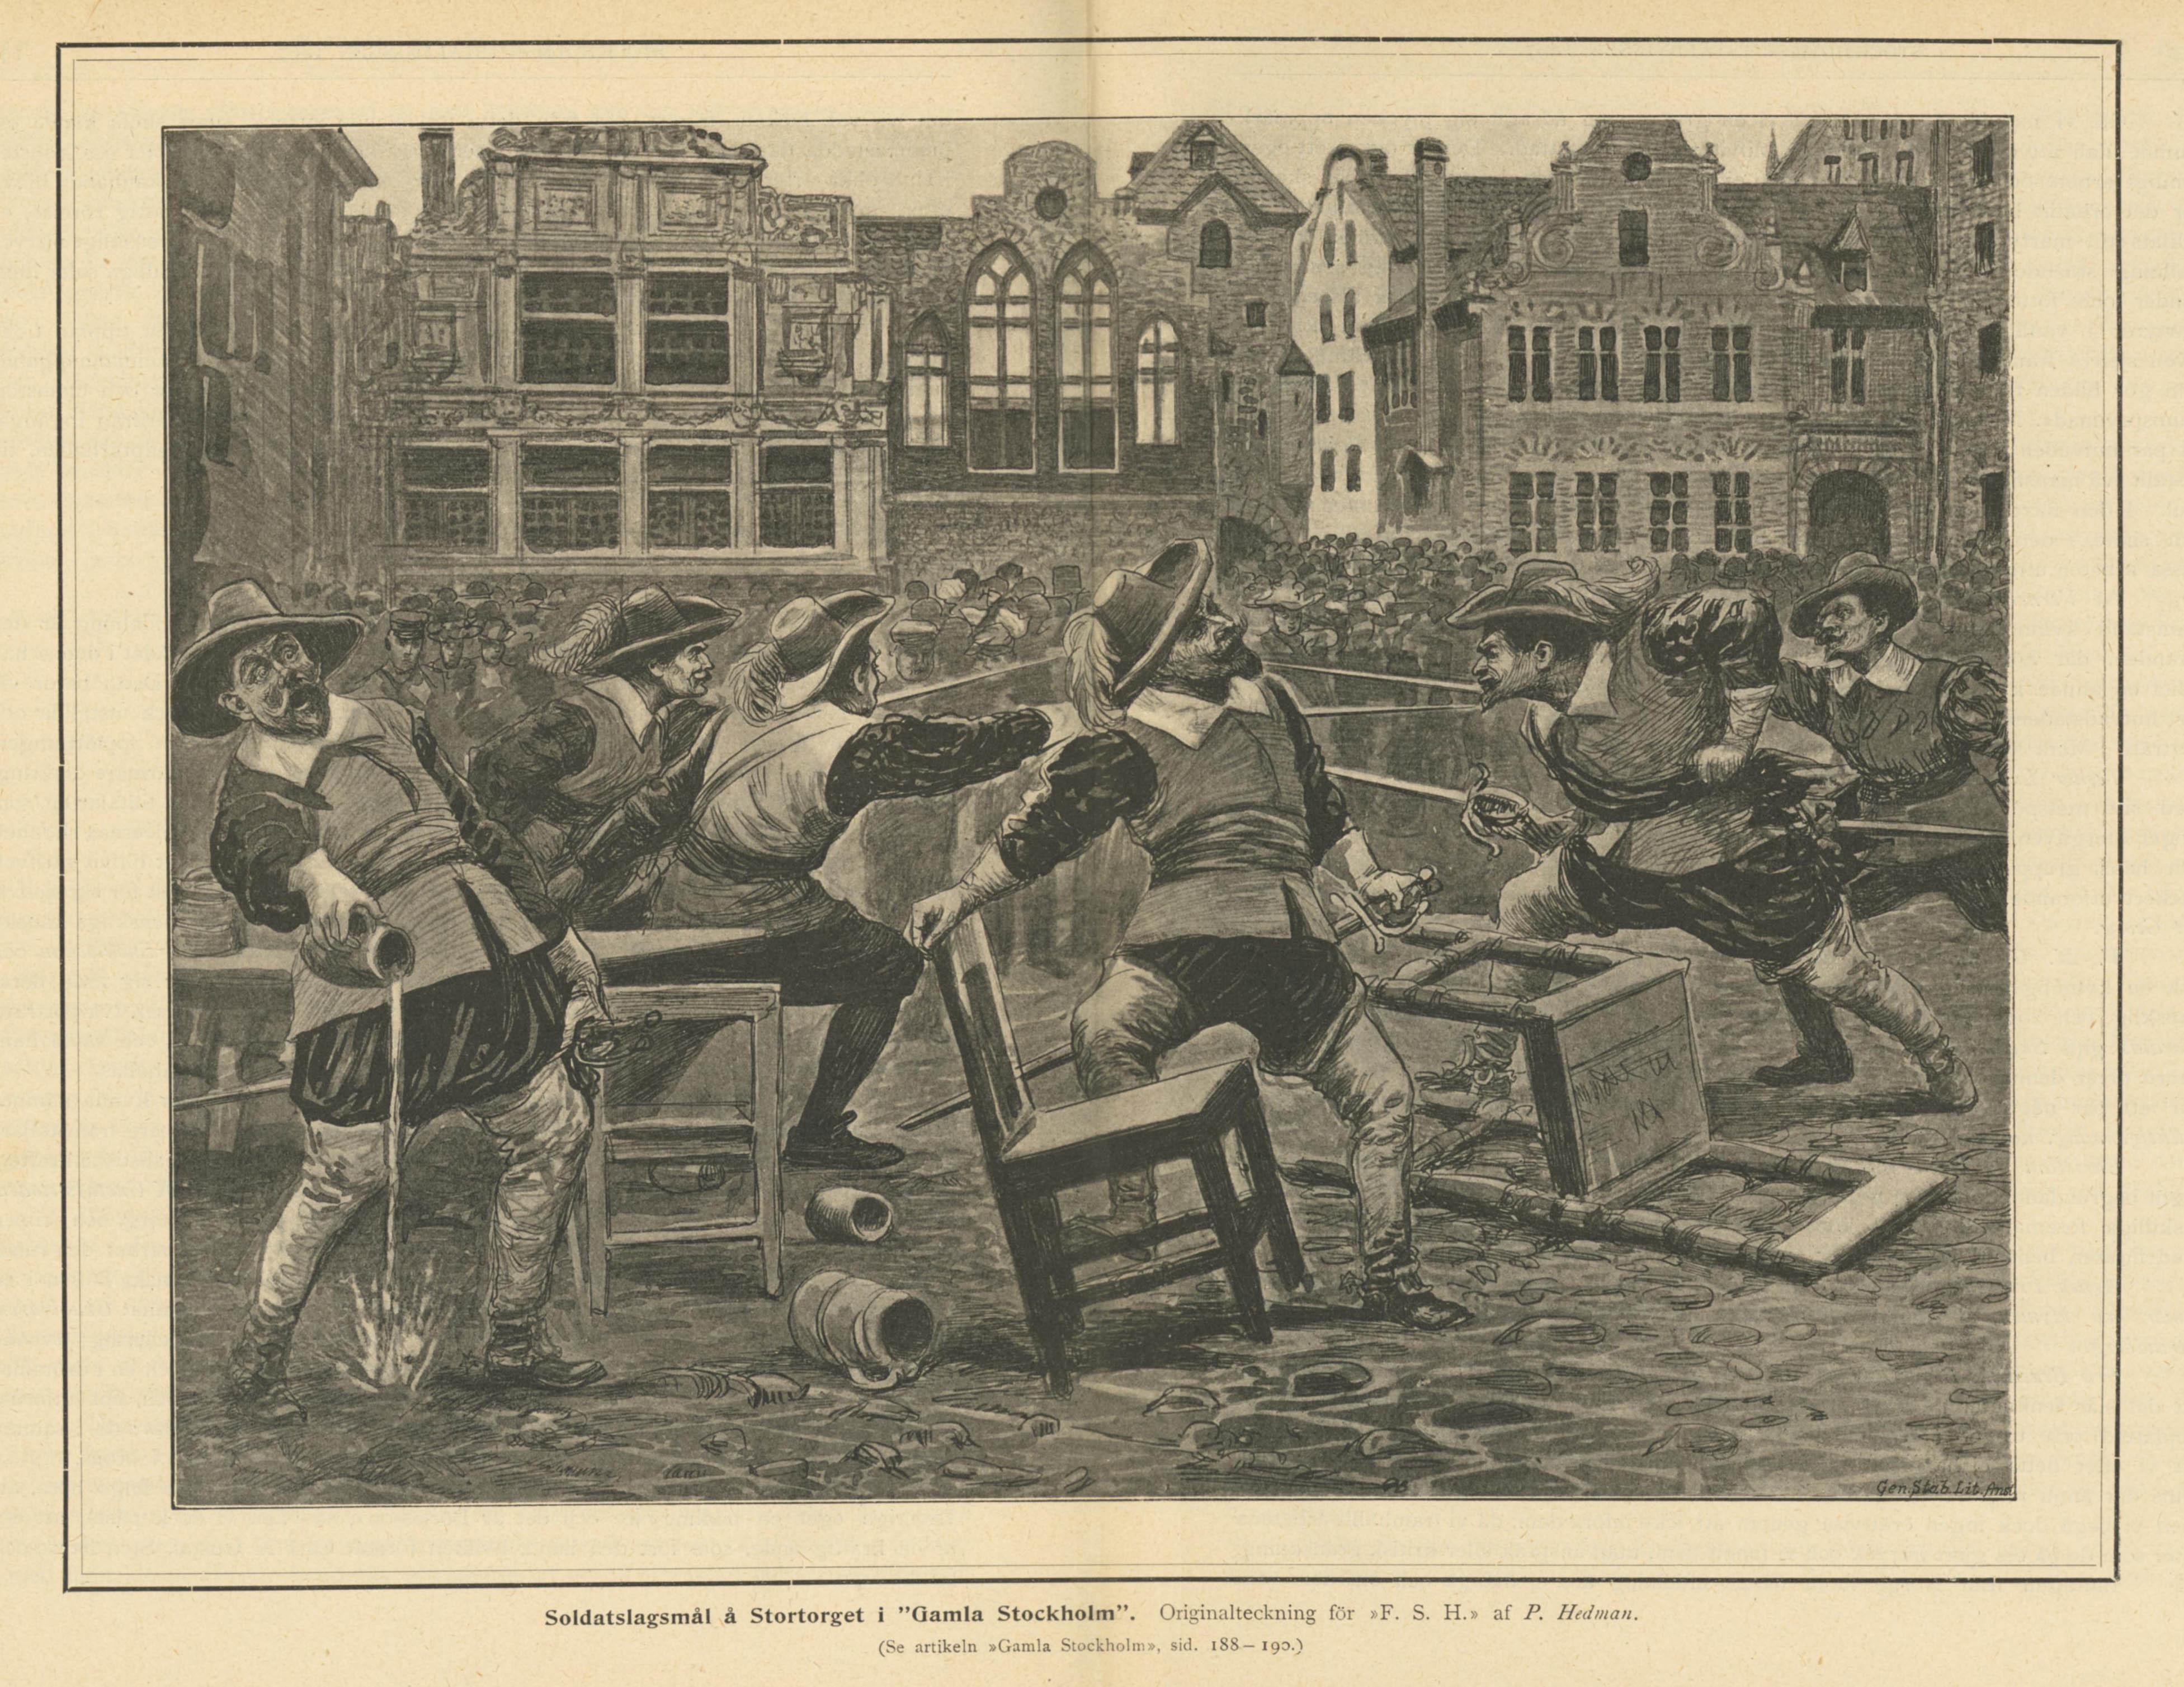 Soldatslagsmål på Stortorget - teckning av P. Hedman